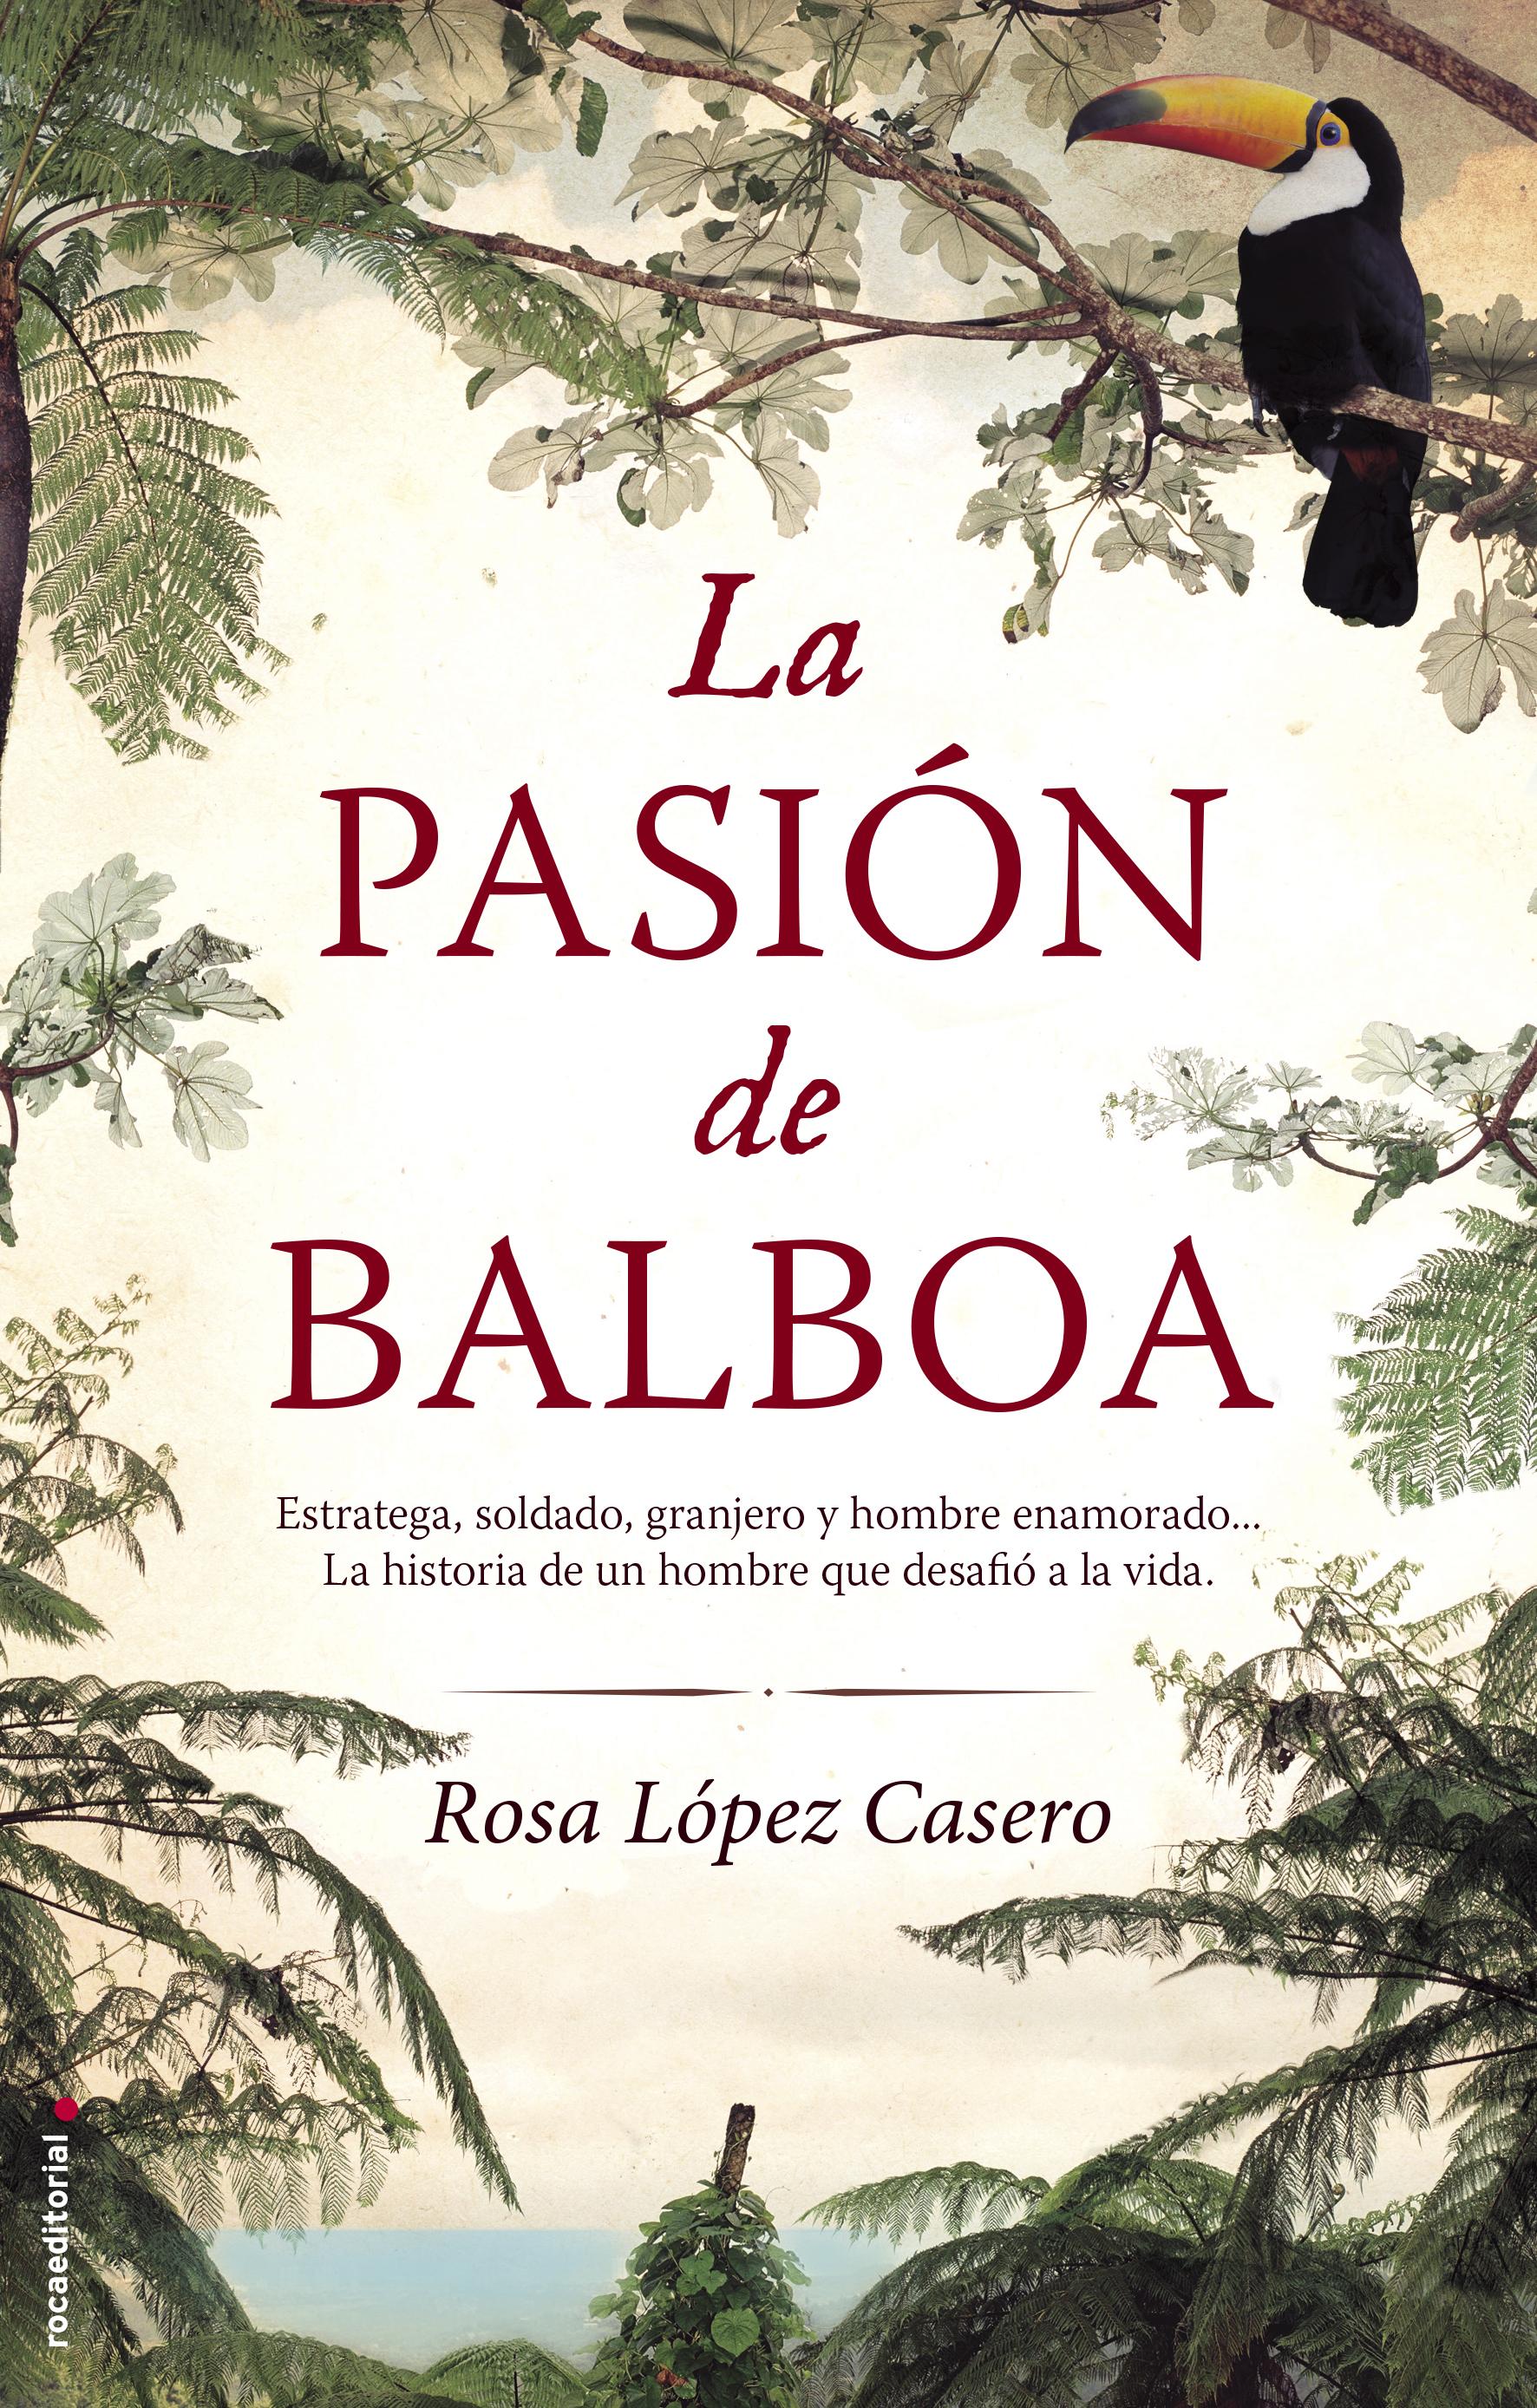 Rosa López saca a la luz su primera novela «La pasión de Balboa»